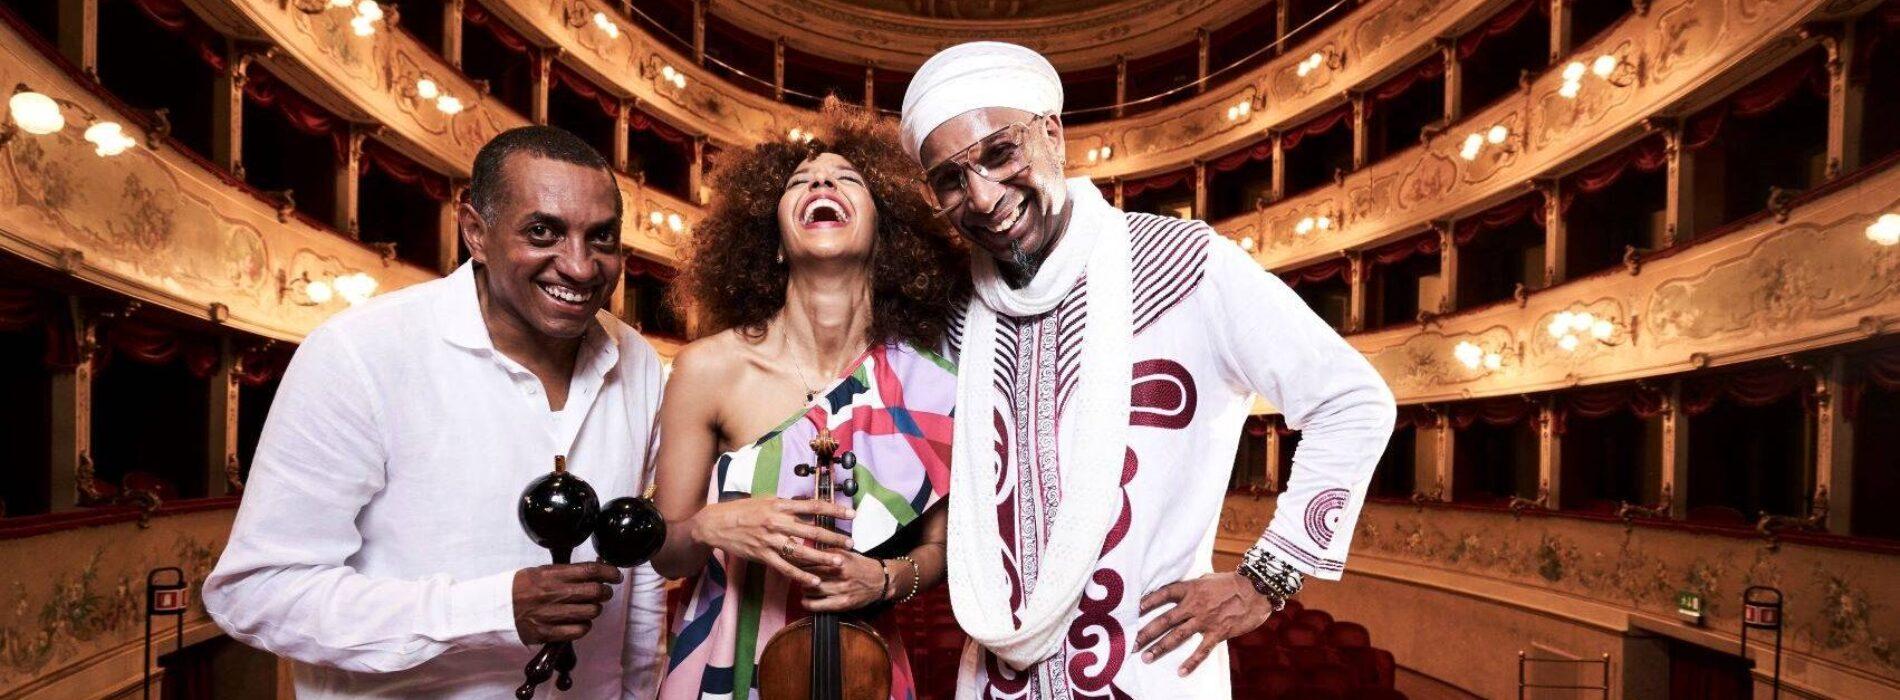 Festival Internazionale della Musica Etnica, i prossimi eventi